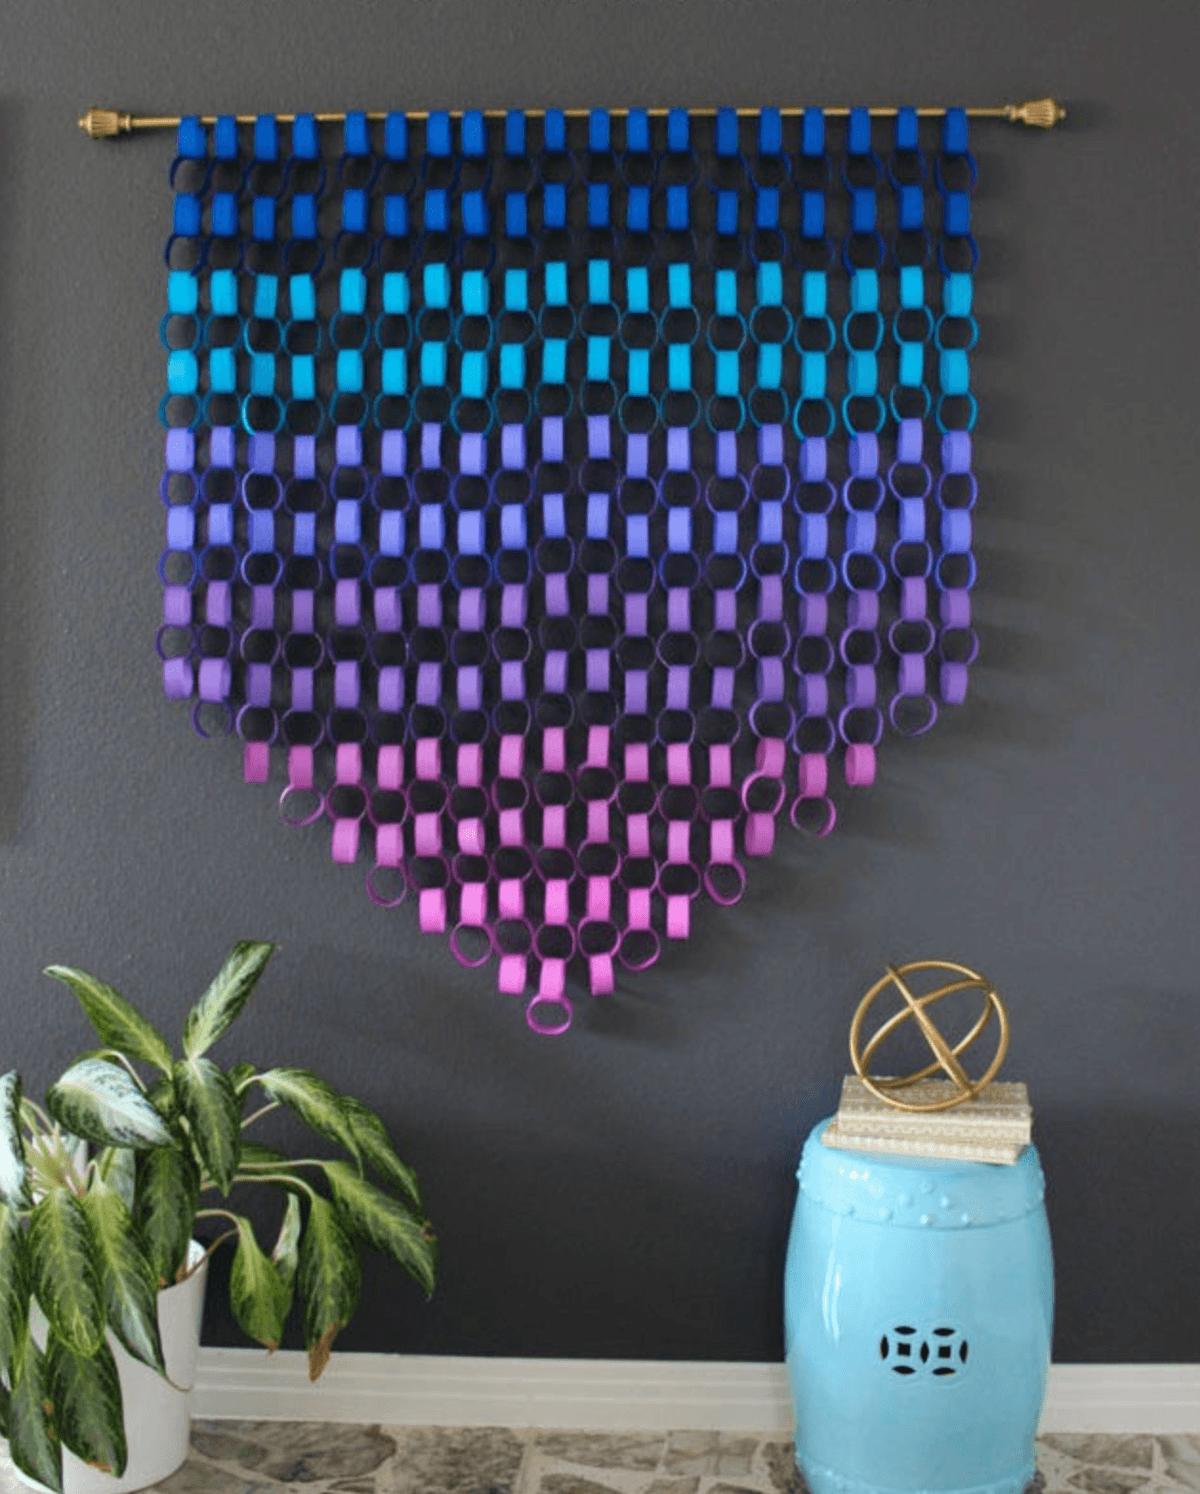 Cómo decorar fiestas infantiles con materiales reciclados pared elegante